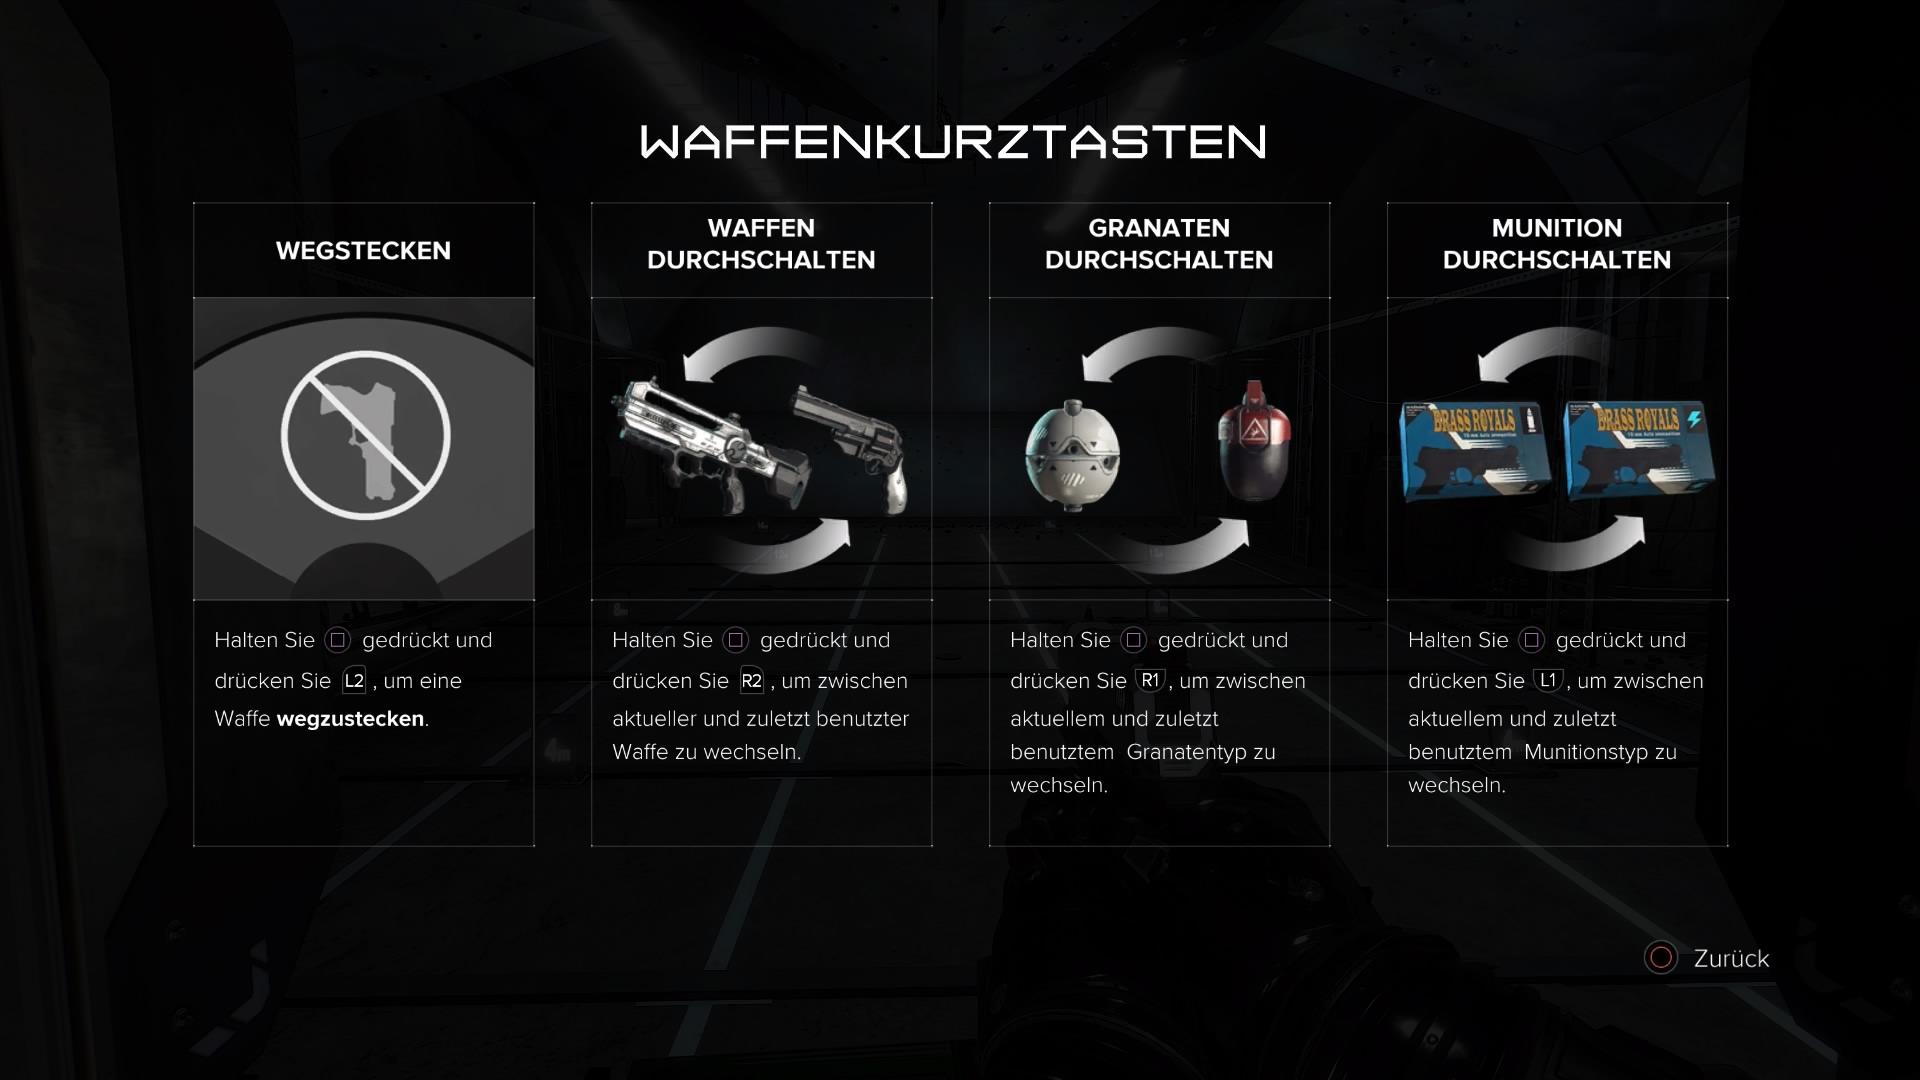 Groß Ampere Drahtgrößendiagramm Bilder - Der Schaltplan - greigo.com